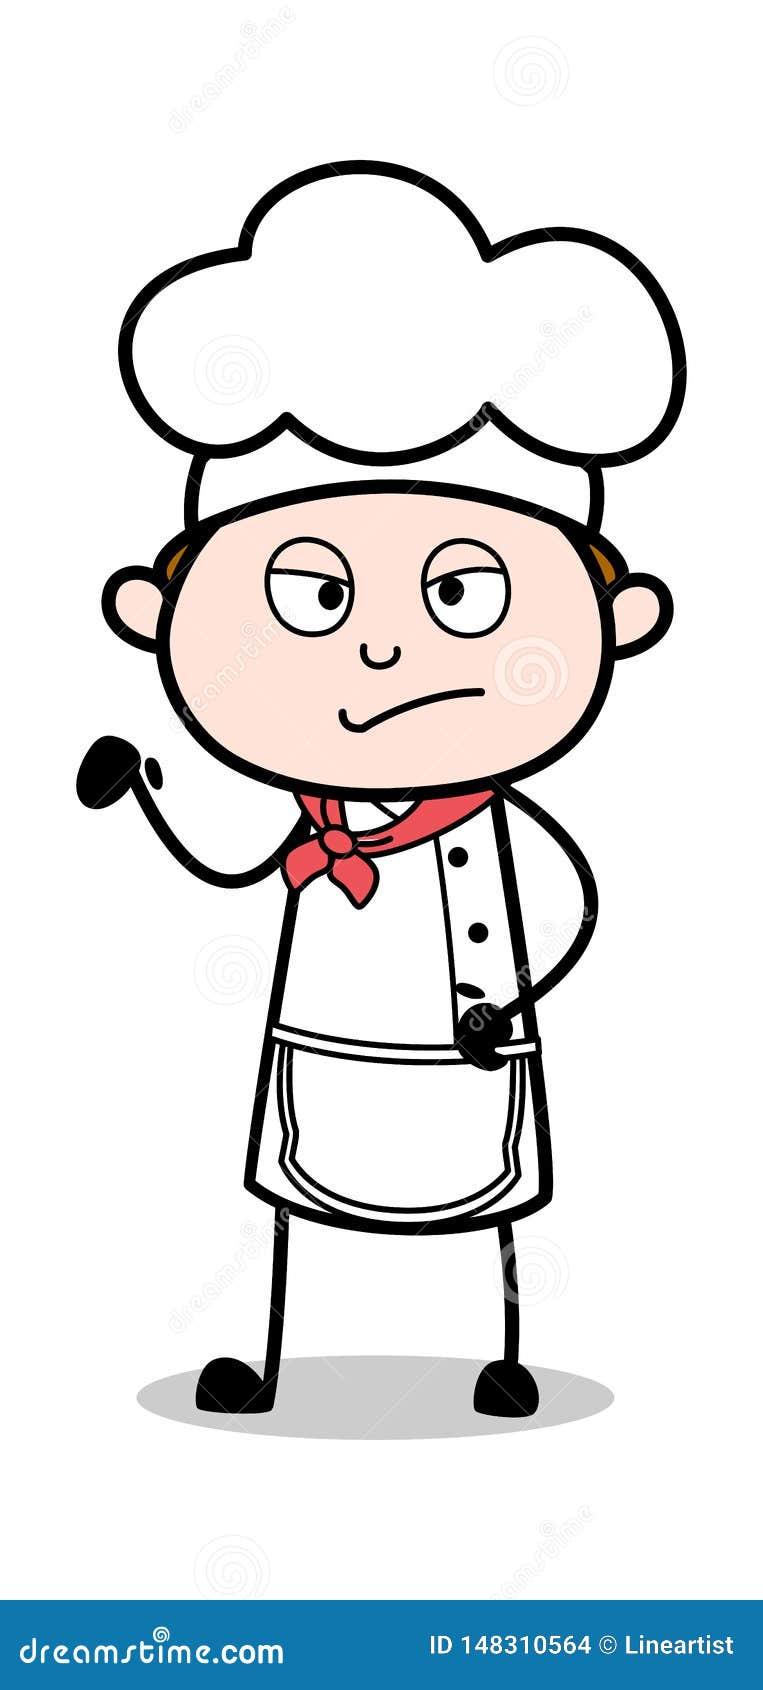 Comportement grossier - illustration de Male Chef Vector de serveur de bande dessinée